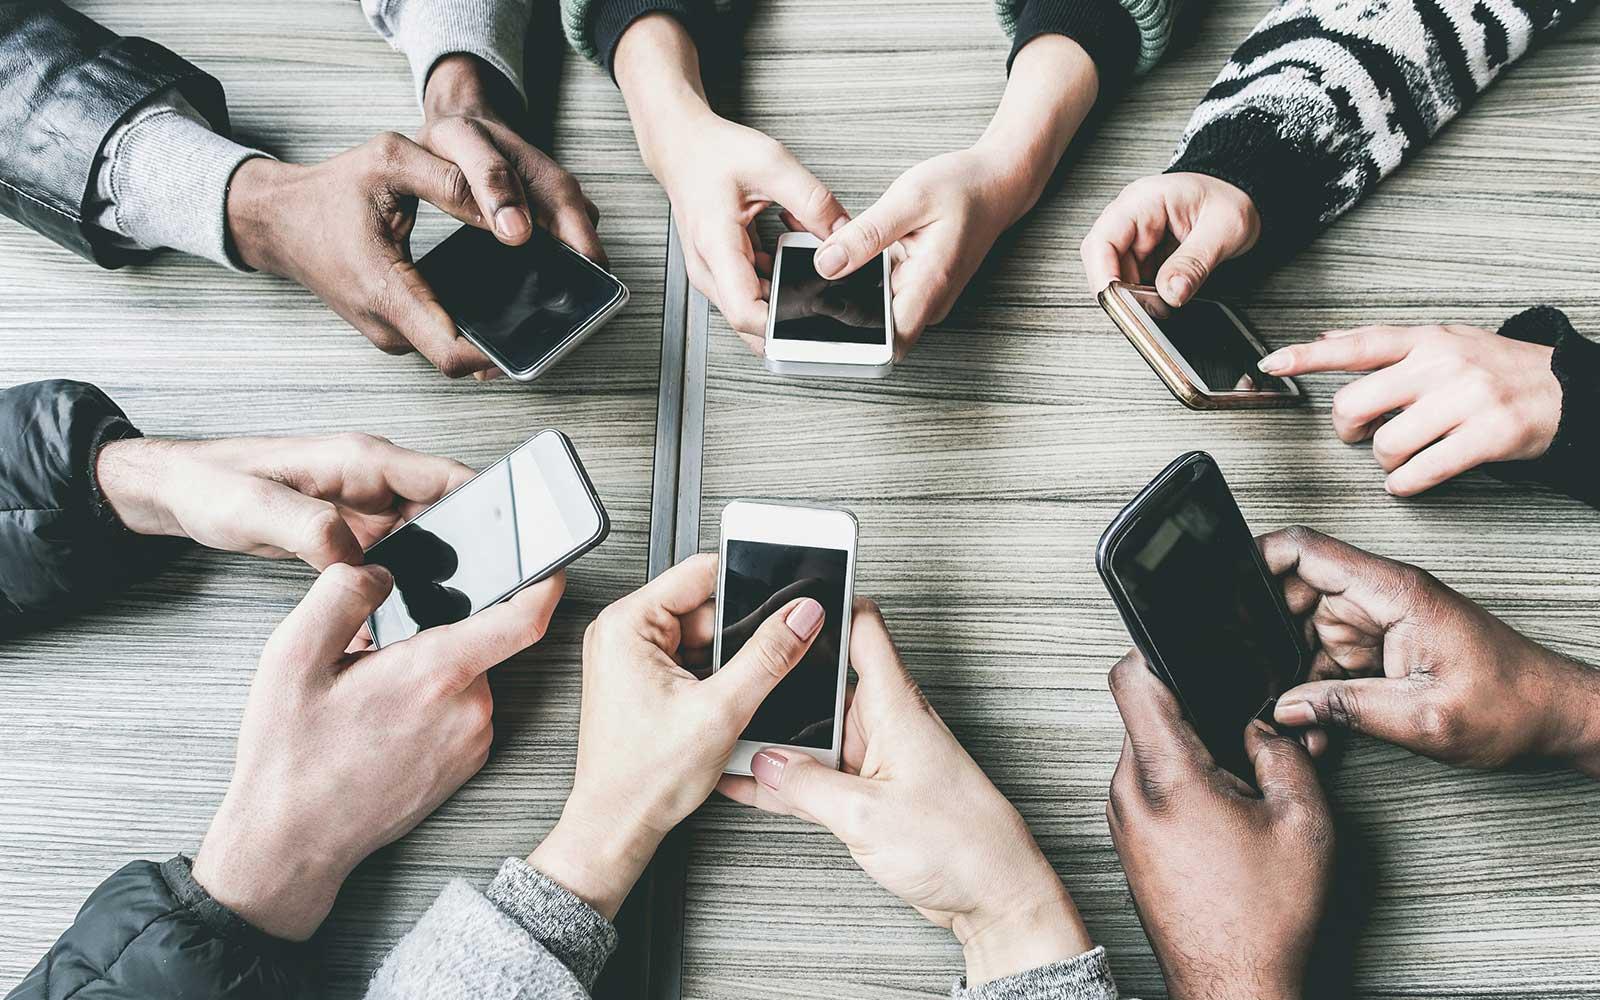 Sei persone, sei cellulari diversi